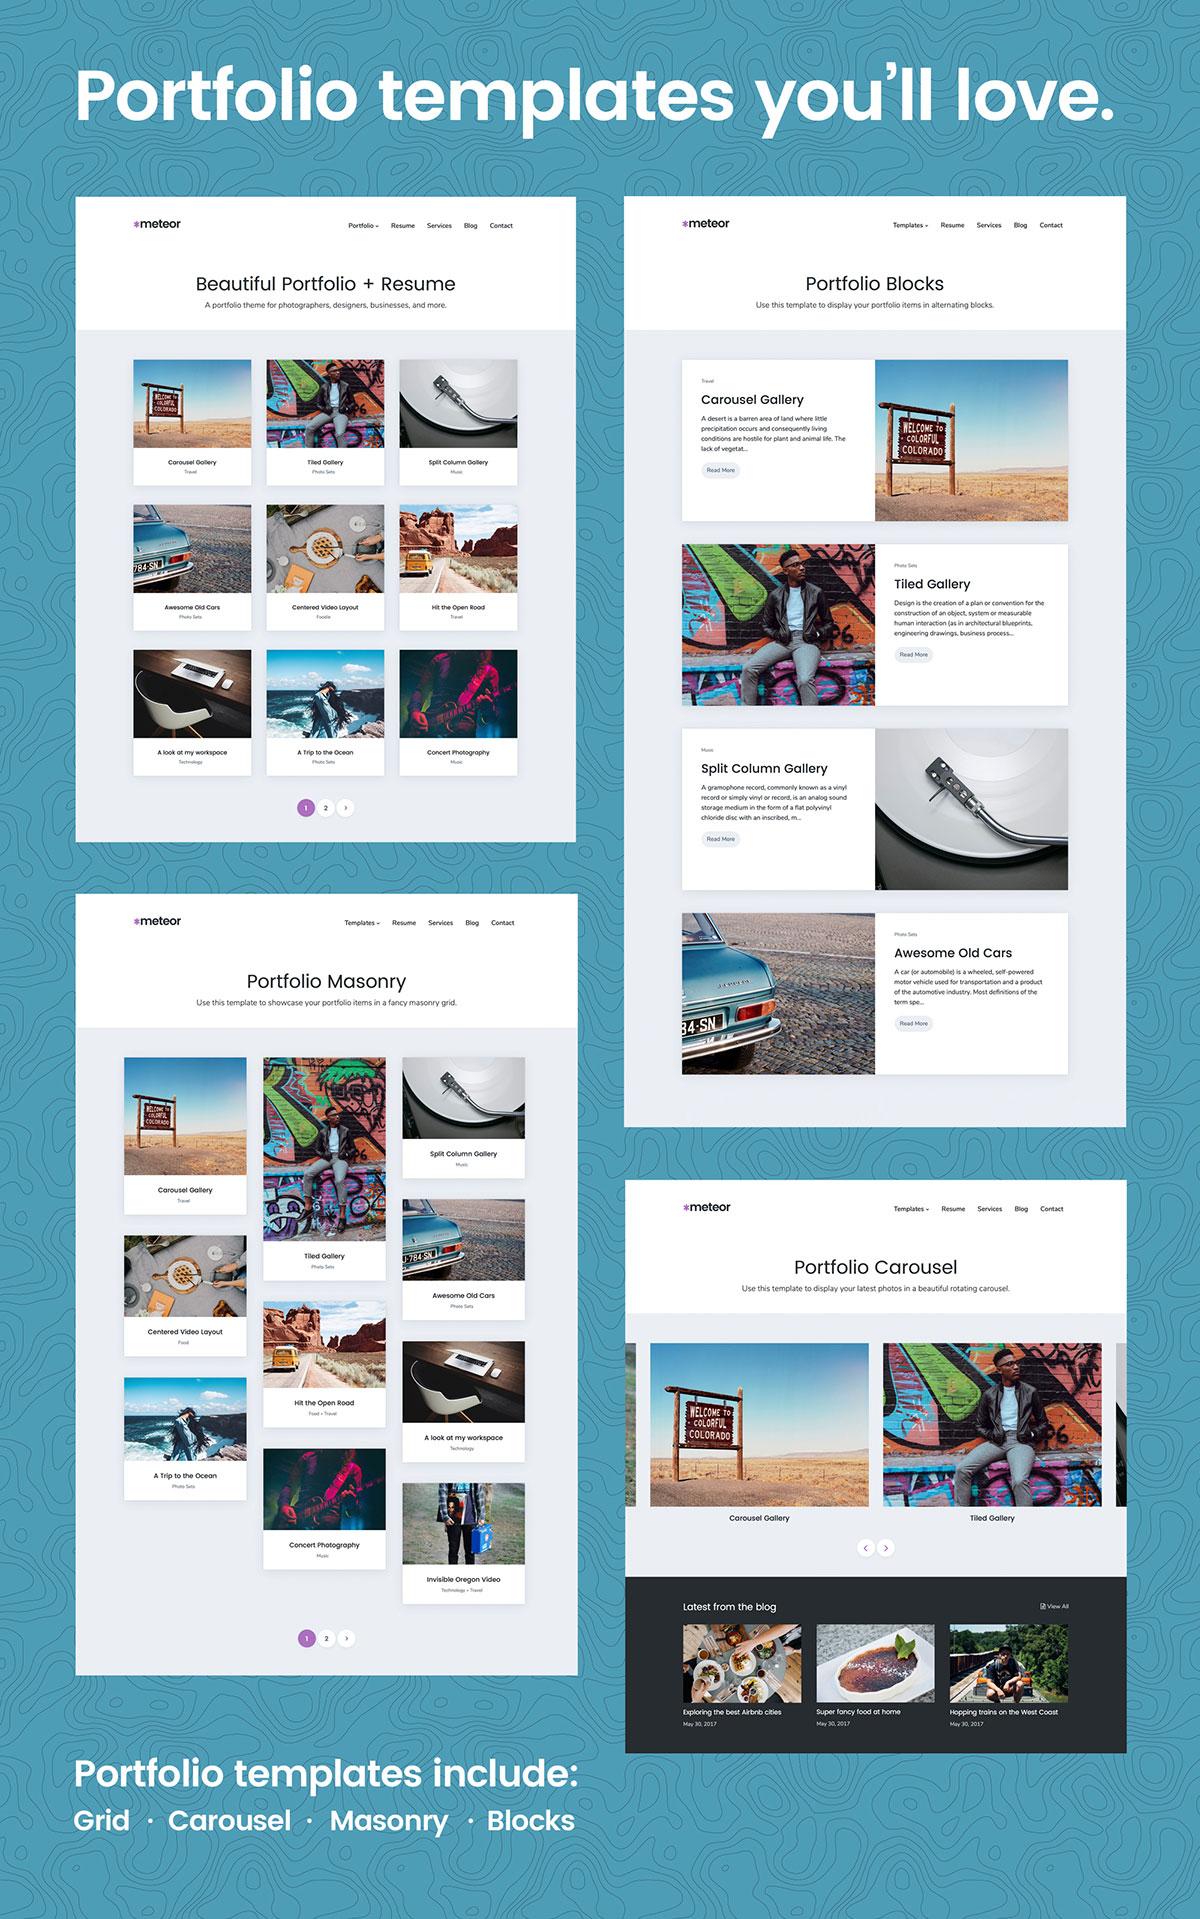 Meteor WordPress Theme Portfolio Templates